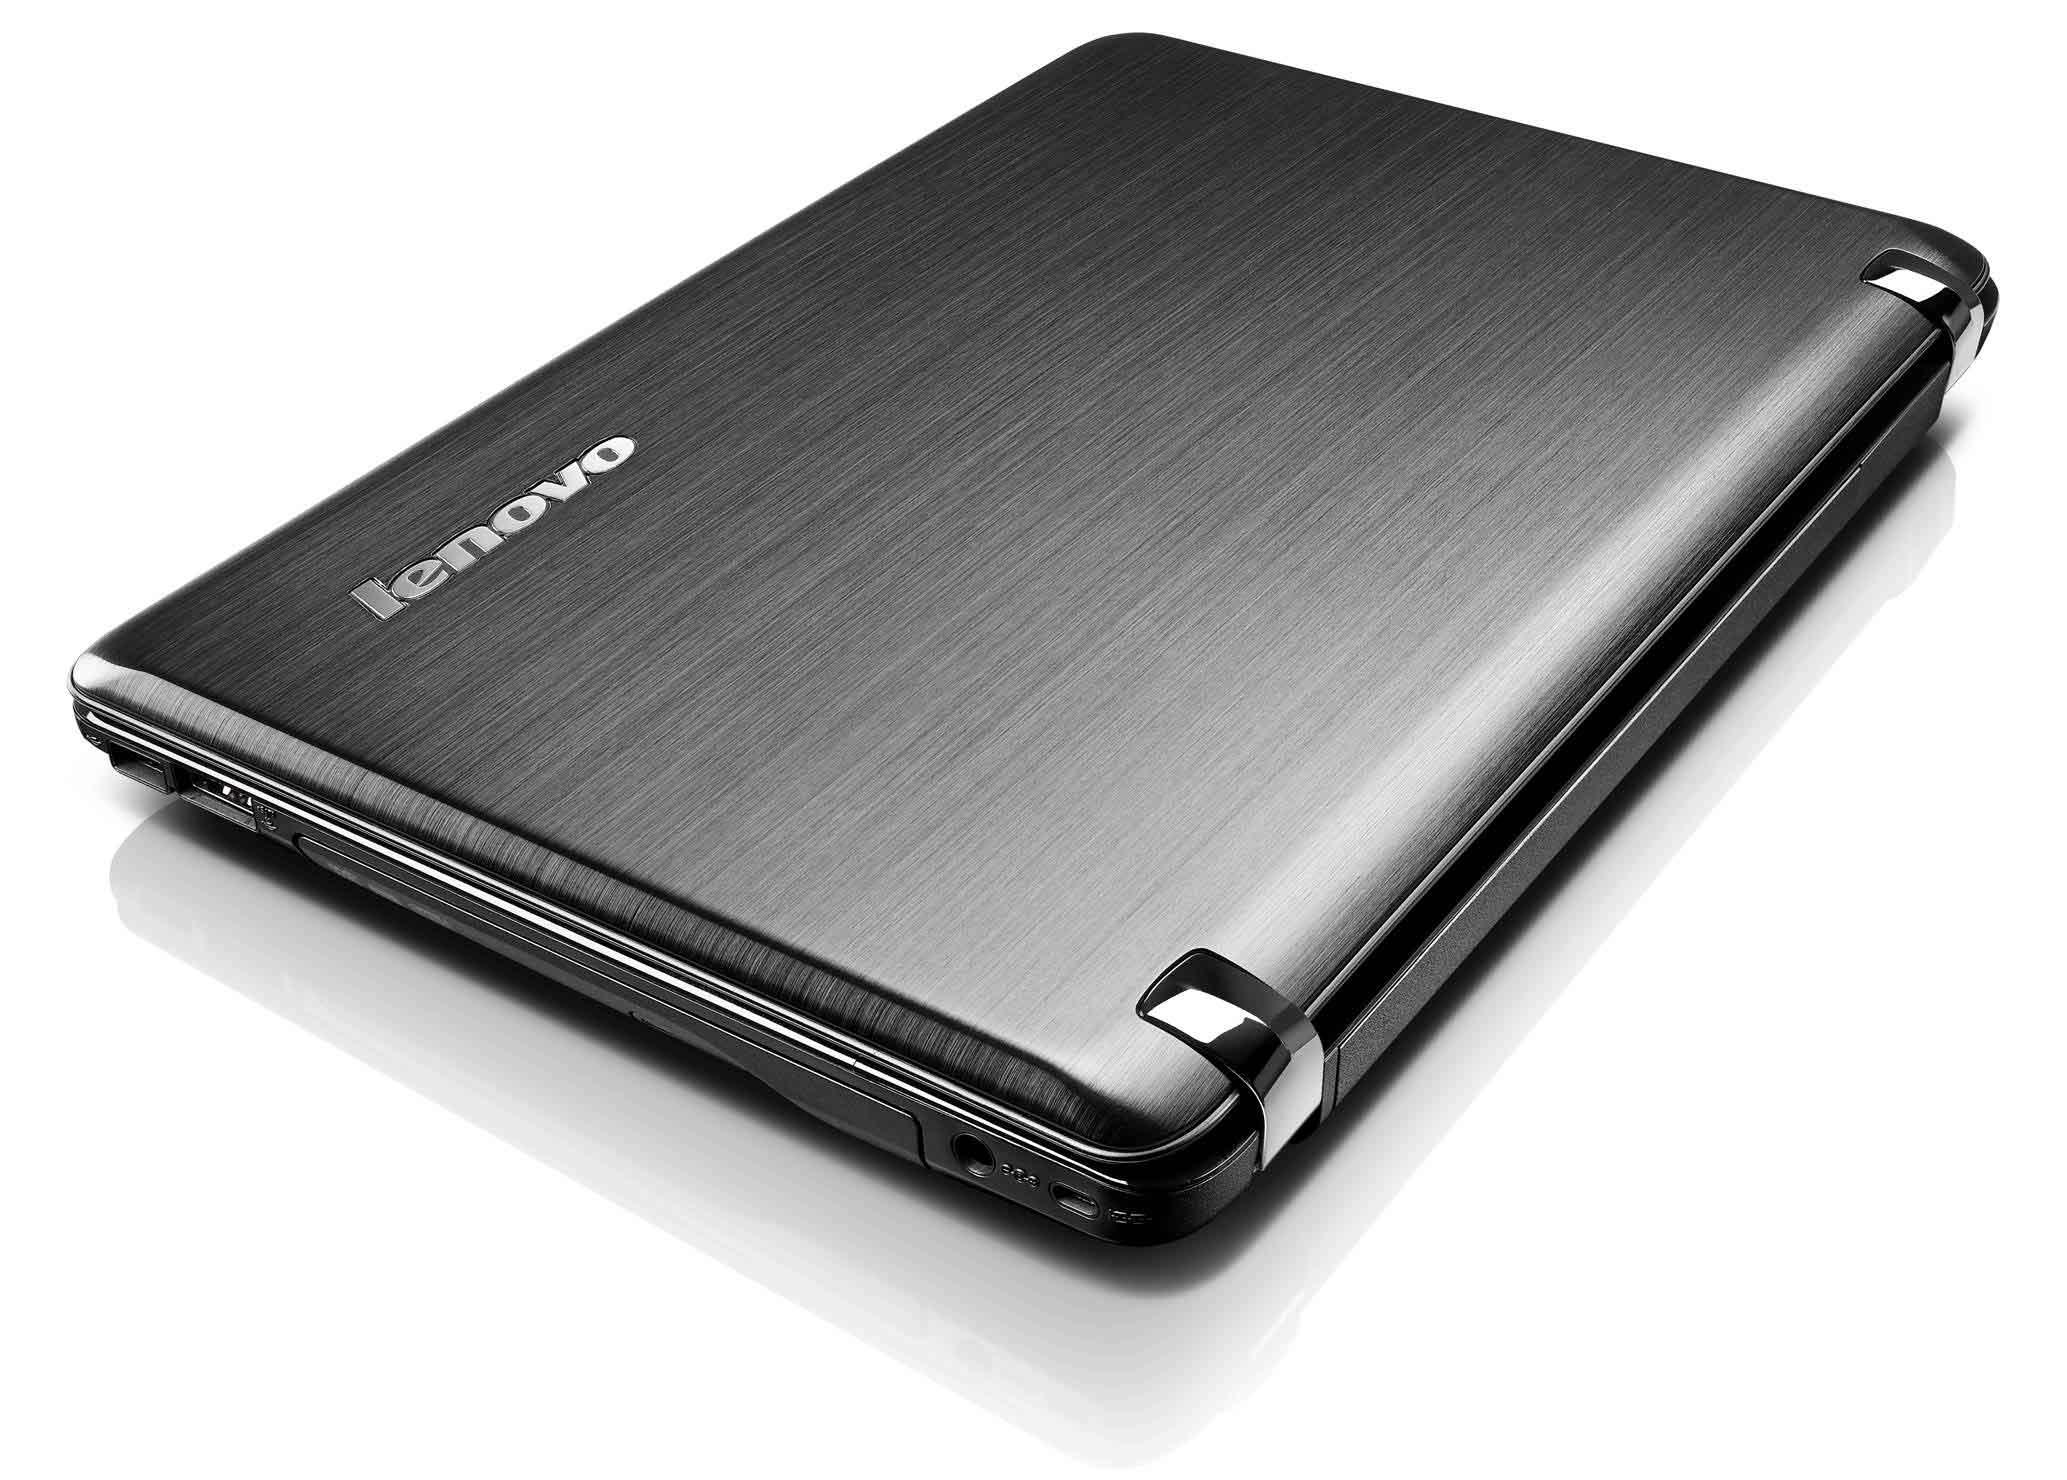 Lenovo-Ideapad-Y460p